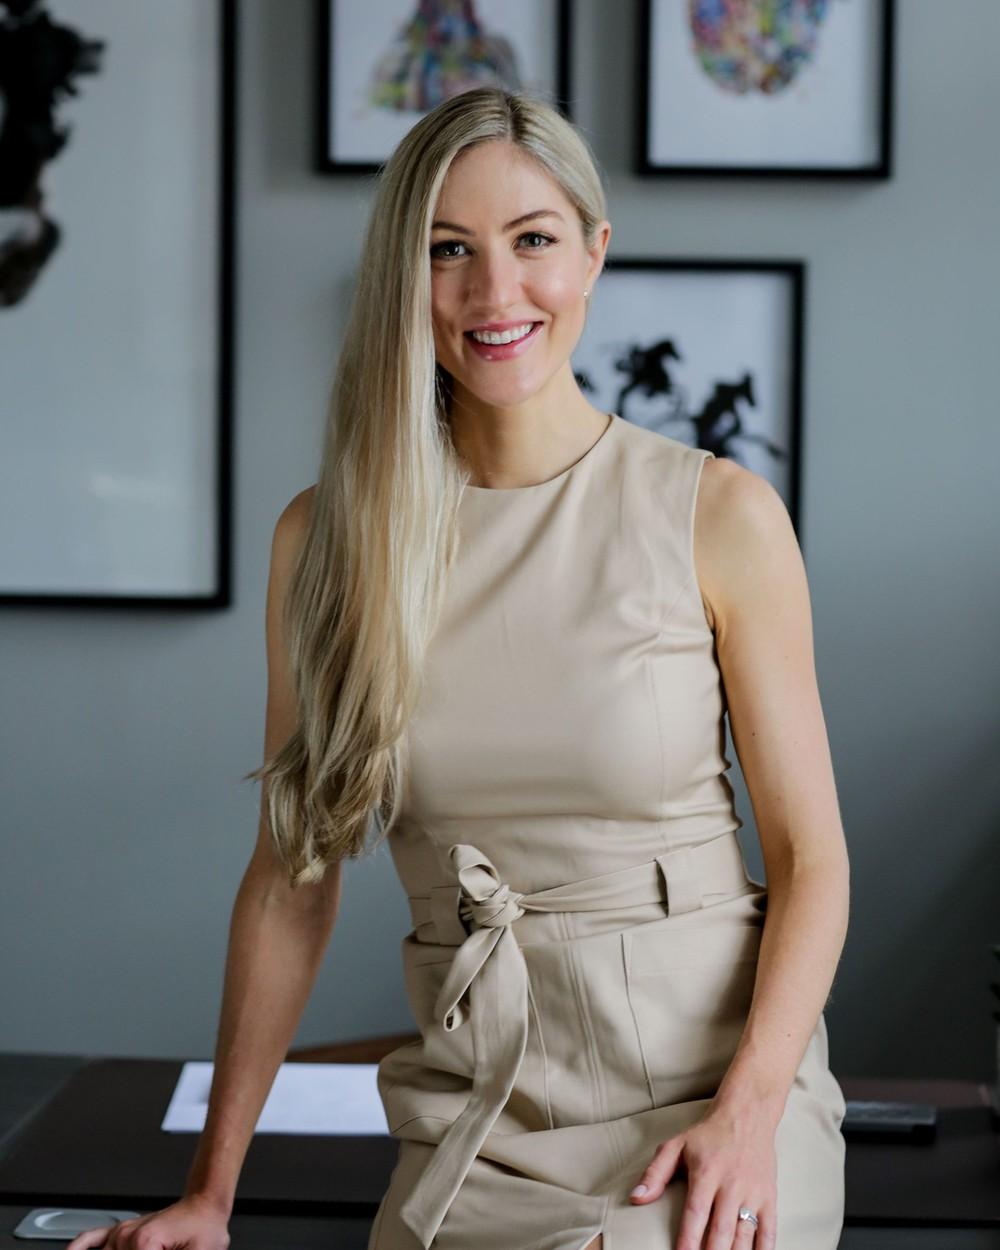 Nữ bác sĩ đẹp như búp bê Barbie, nổi tiếng nhất nhì mạng xã hội, tiết lộ bí quyết có đường ruột khoẻ mạnh - Ảnh 5.